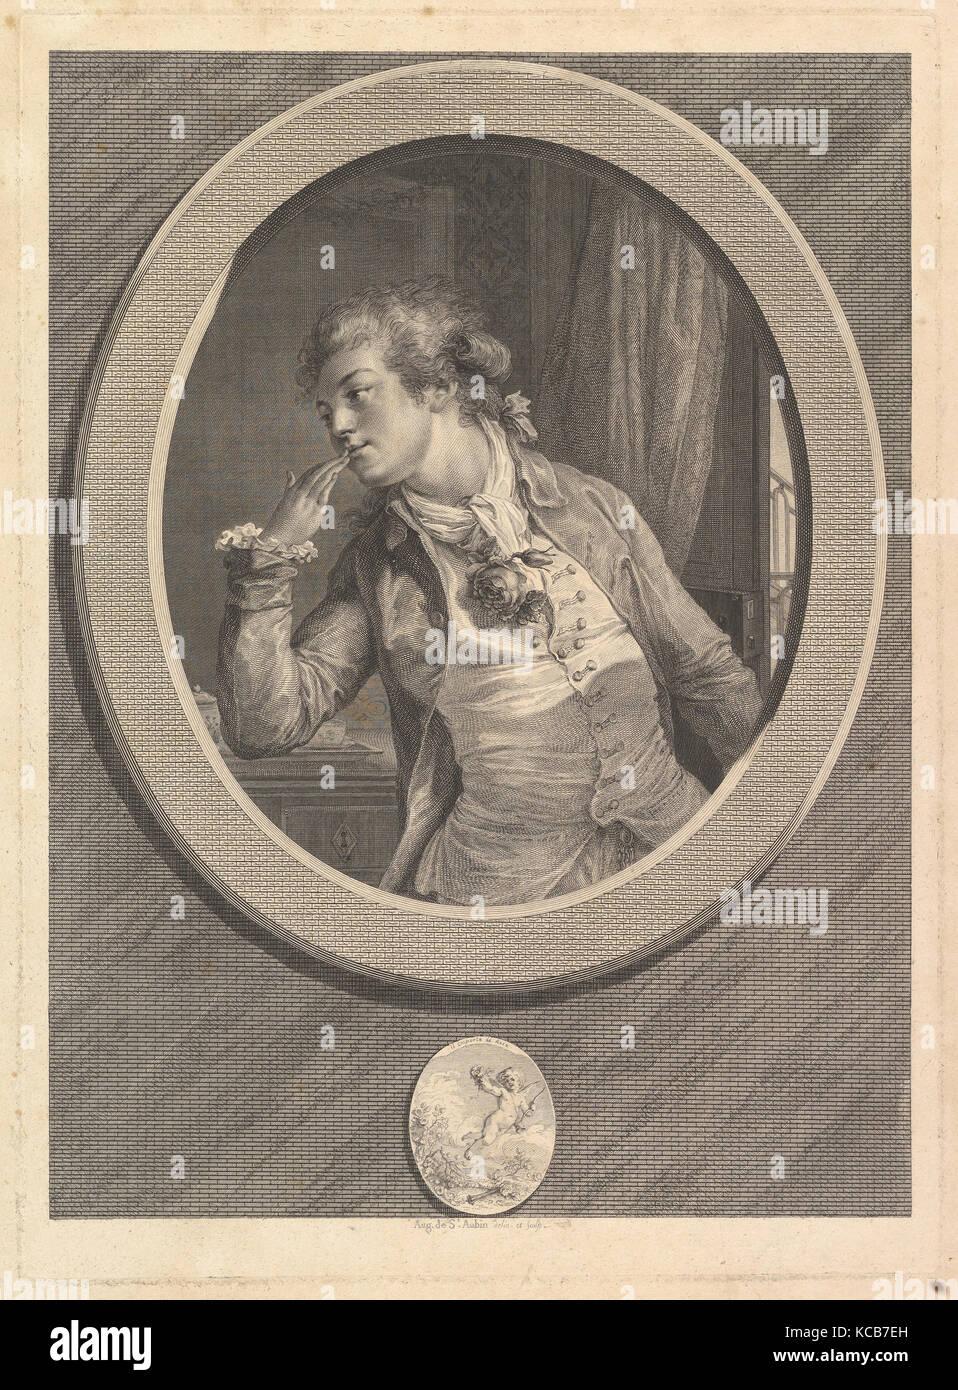 Comptez sur Mes Serments (Count On My Oaths), Augustin de Saint-Aubin, 1789 - Stock Image